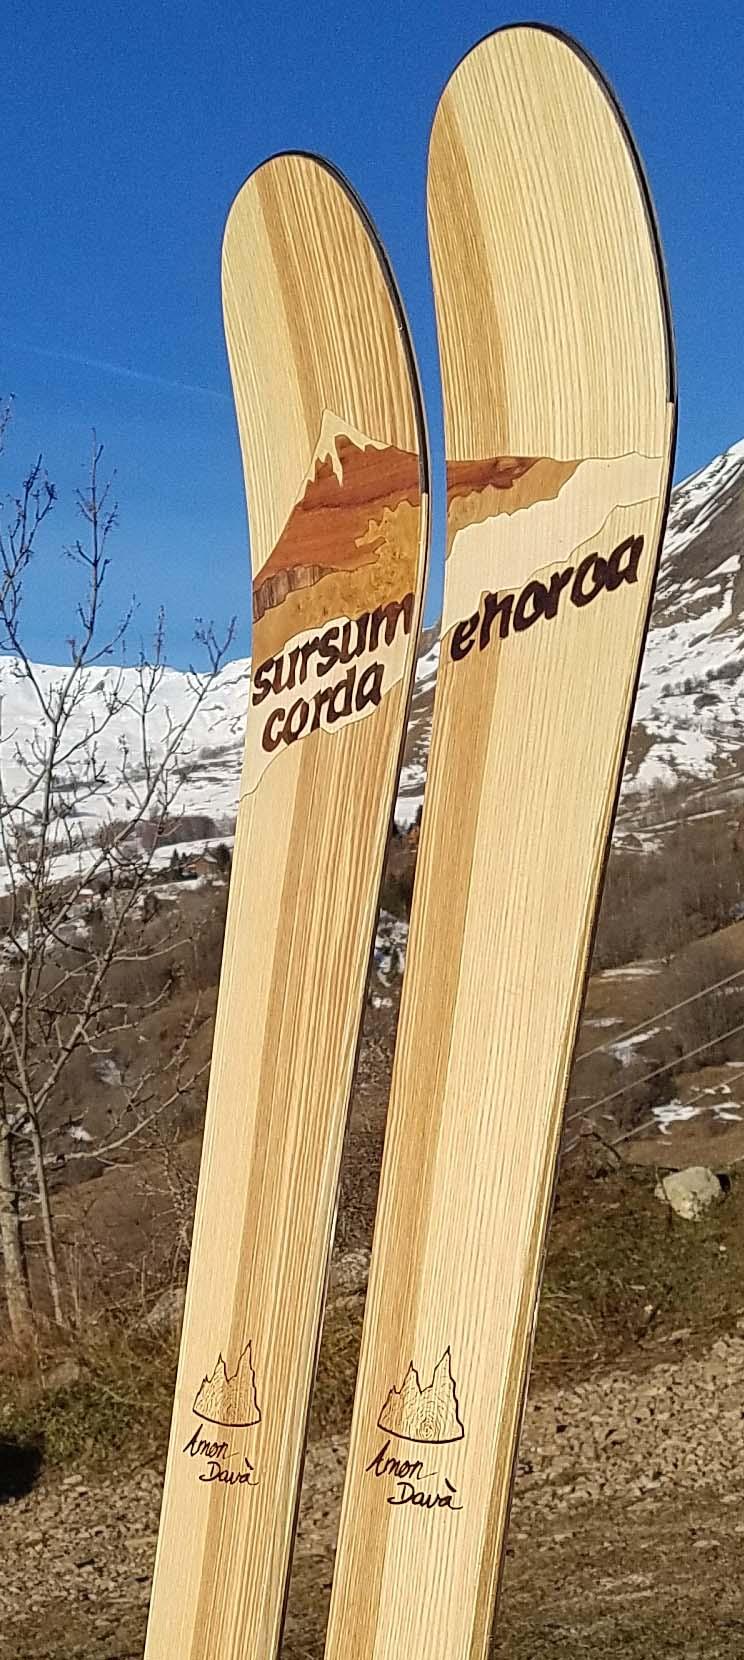 Amon Dava ski bois mont fuji